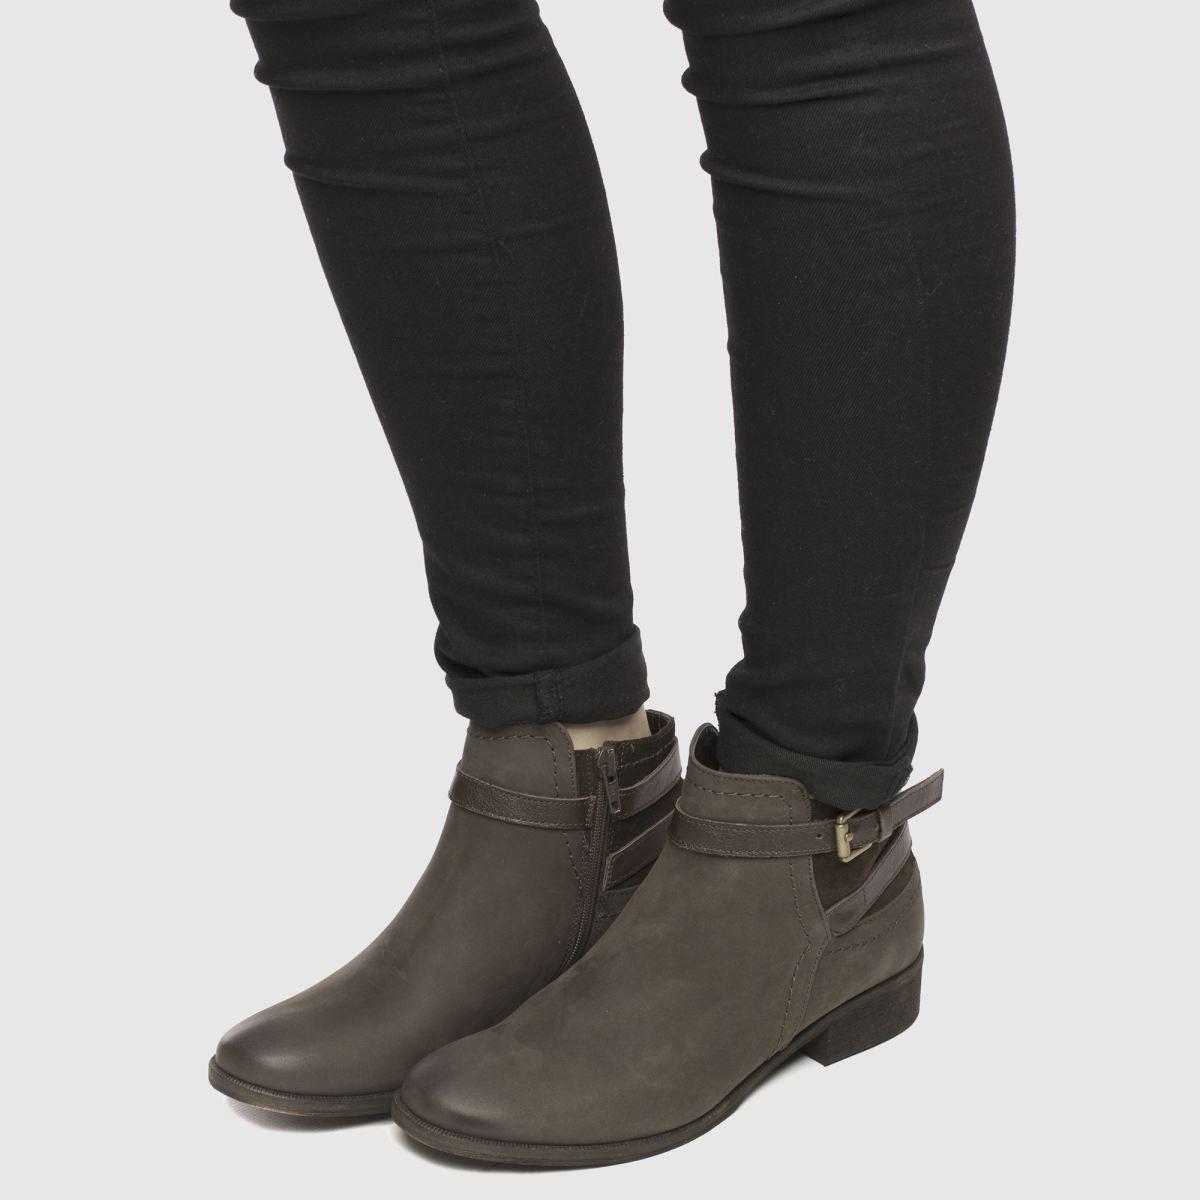 Damen Dunkelbraun schuh Adventure Boots   schuh Gute Qualität beliebte Schuhe